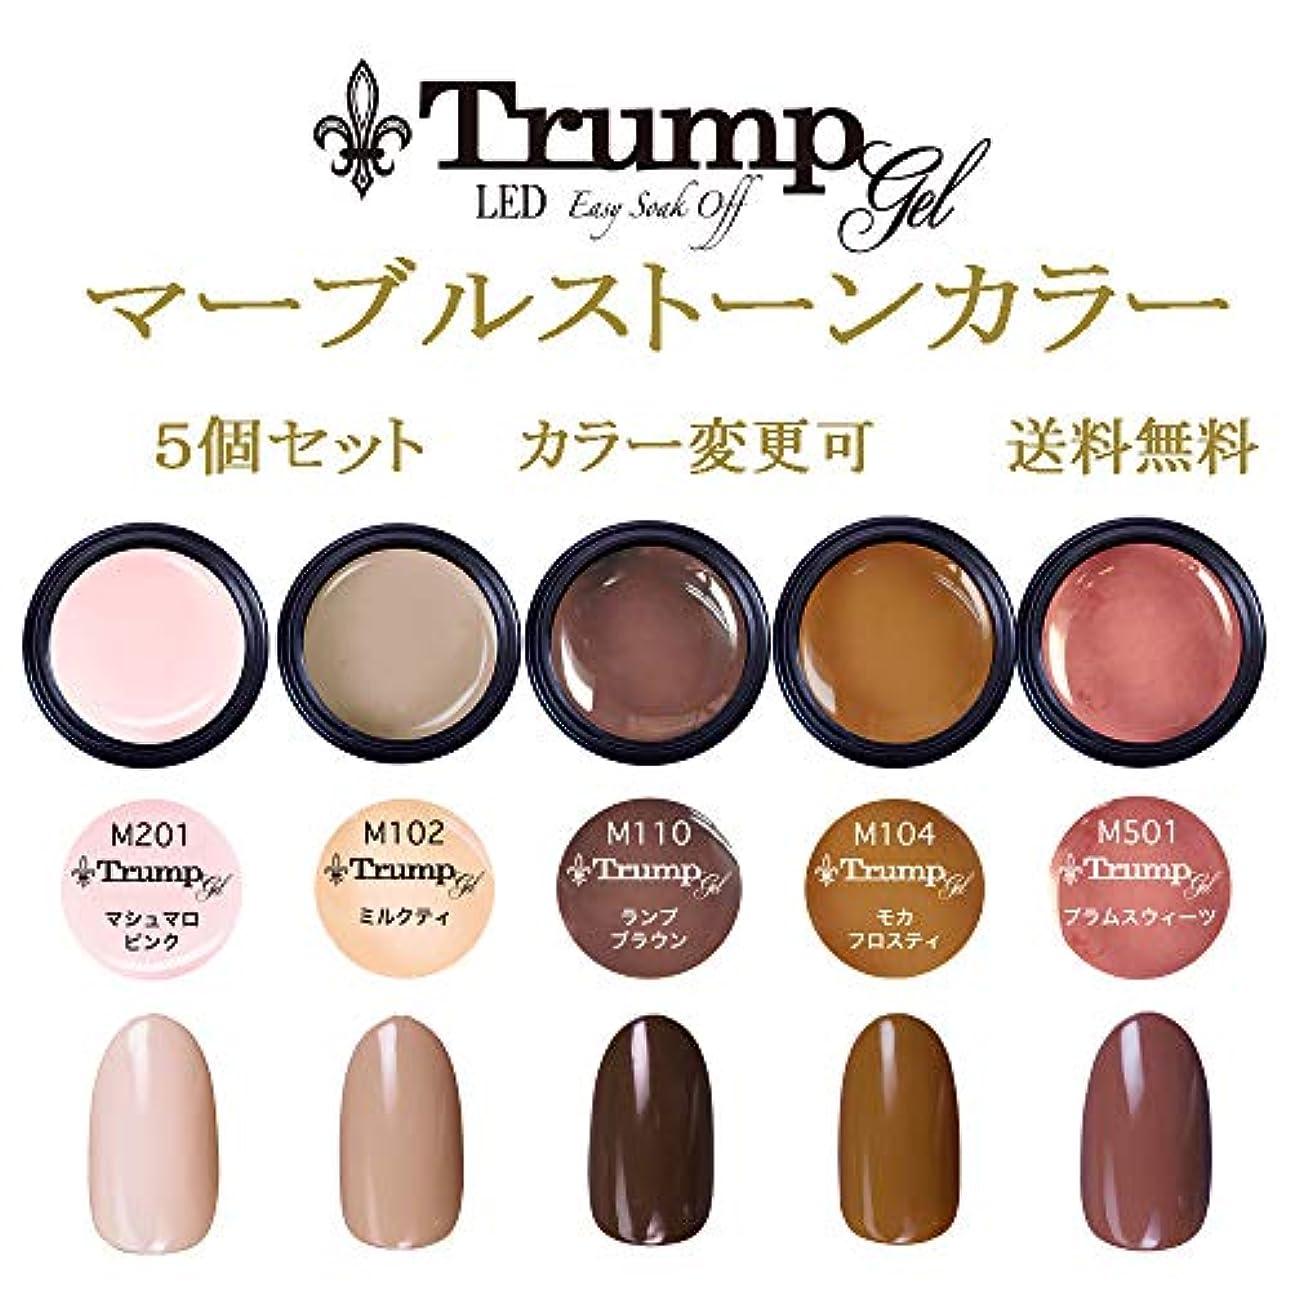 無礼に違うささやき【送料無料】日本製 Trump gel トランプジェル マーブルストーン カラージェル 5個セット 人気の大理石ネイルカラーをチョイス